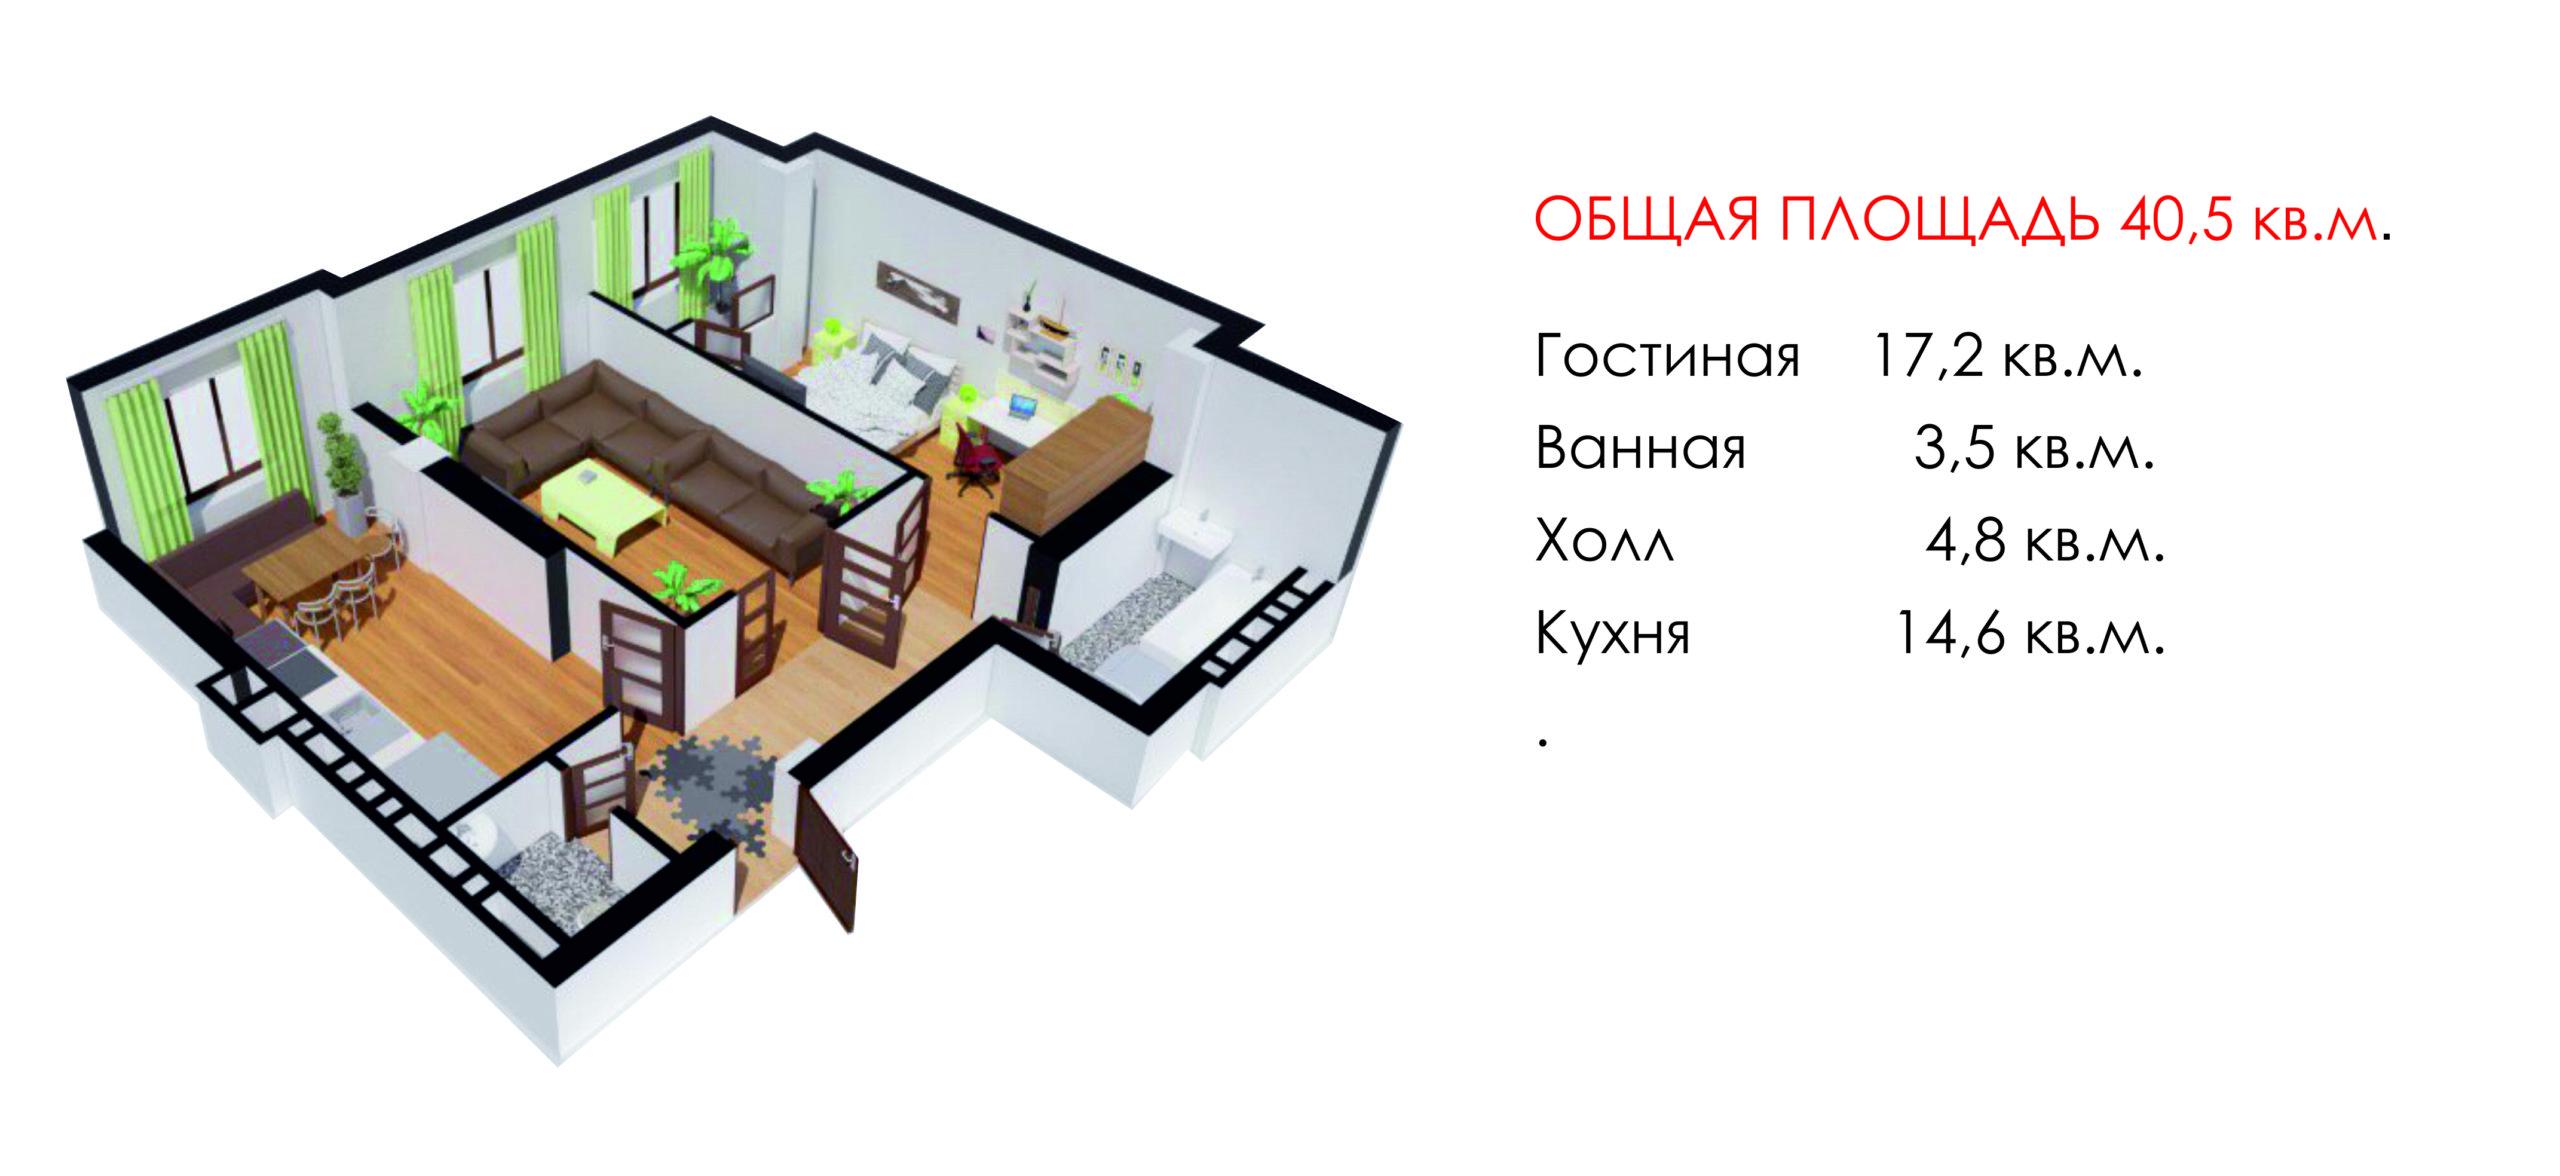 1-но комнатная квартира 49,5 кв.м.